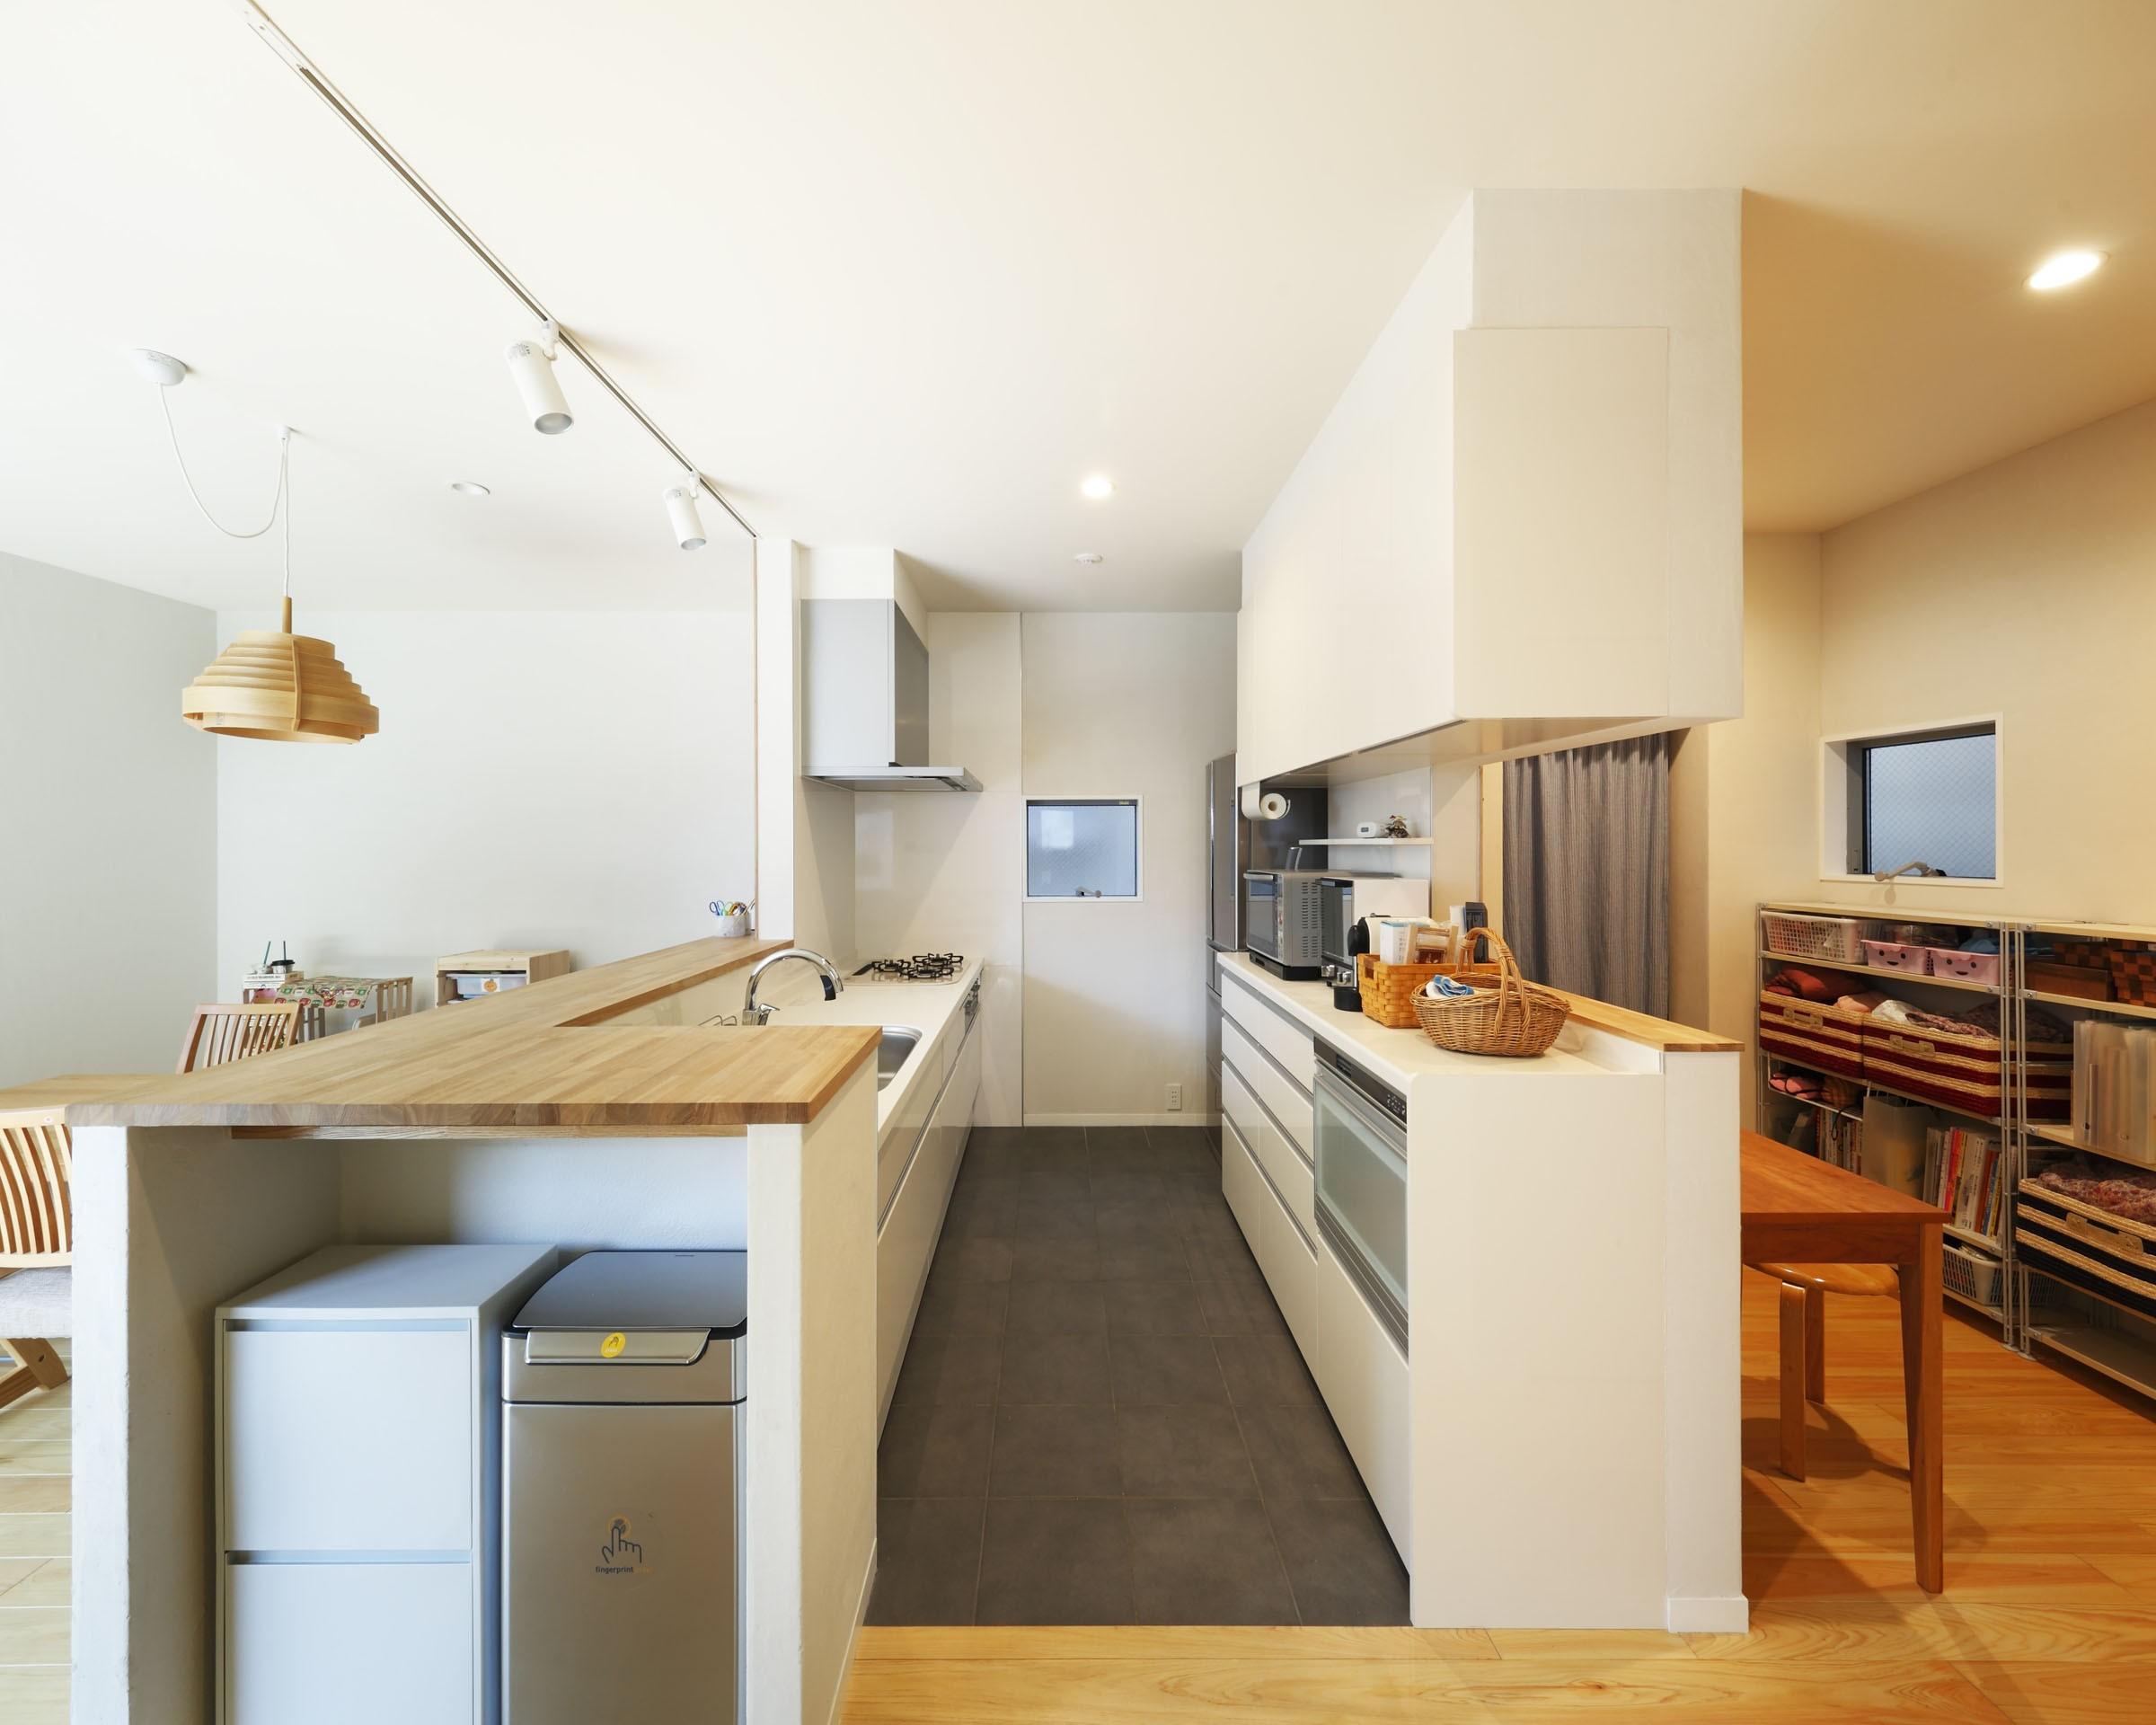 キッチン事例:キッチンとワークスペース(中庭のある無垢な珪藻土の家 – 共働き世帯の家事効率を練りに練ったプラン –)